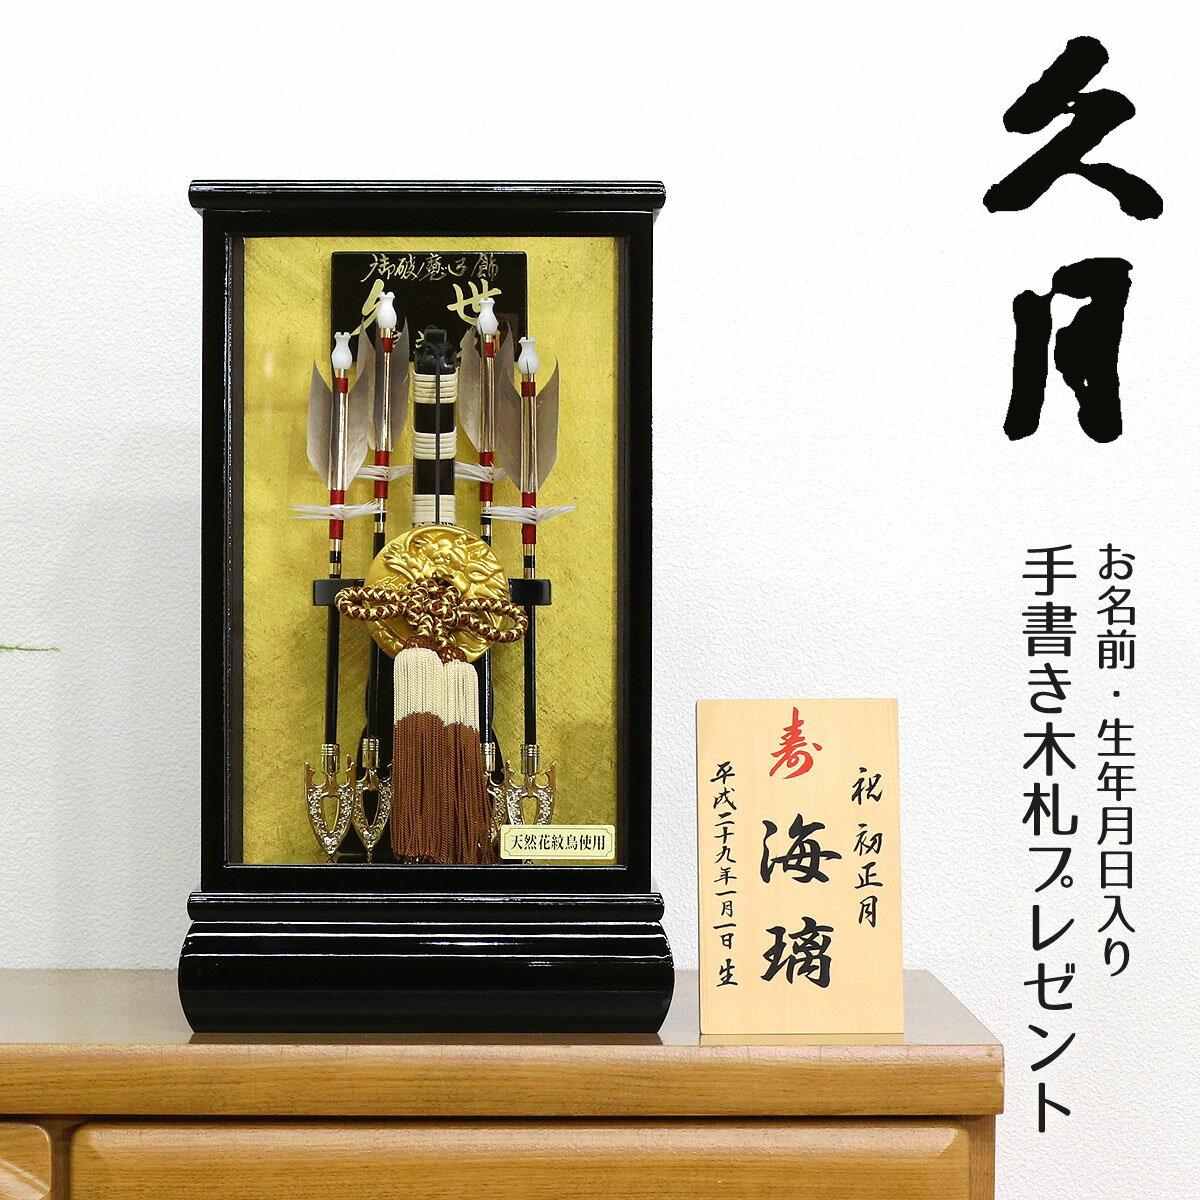 破魔弓 コンパクト ケース飾り 久月 8号 久世 HMQ-70710829 初正月 破魔矢 久月作